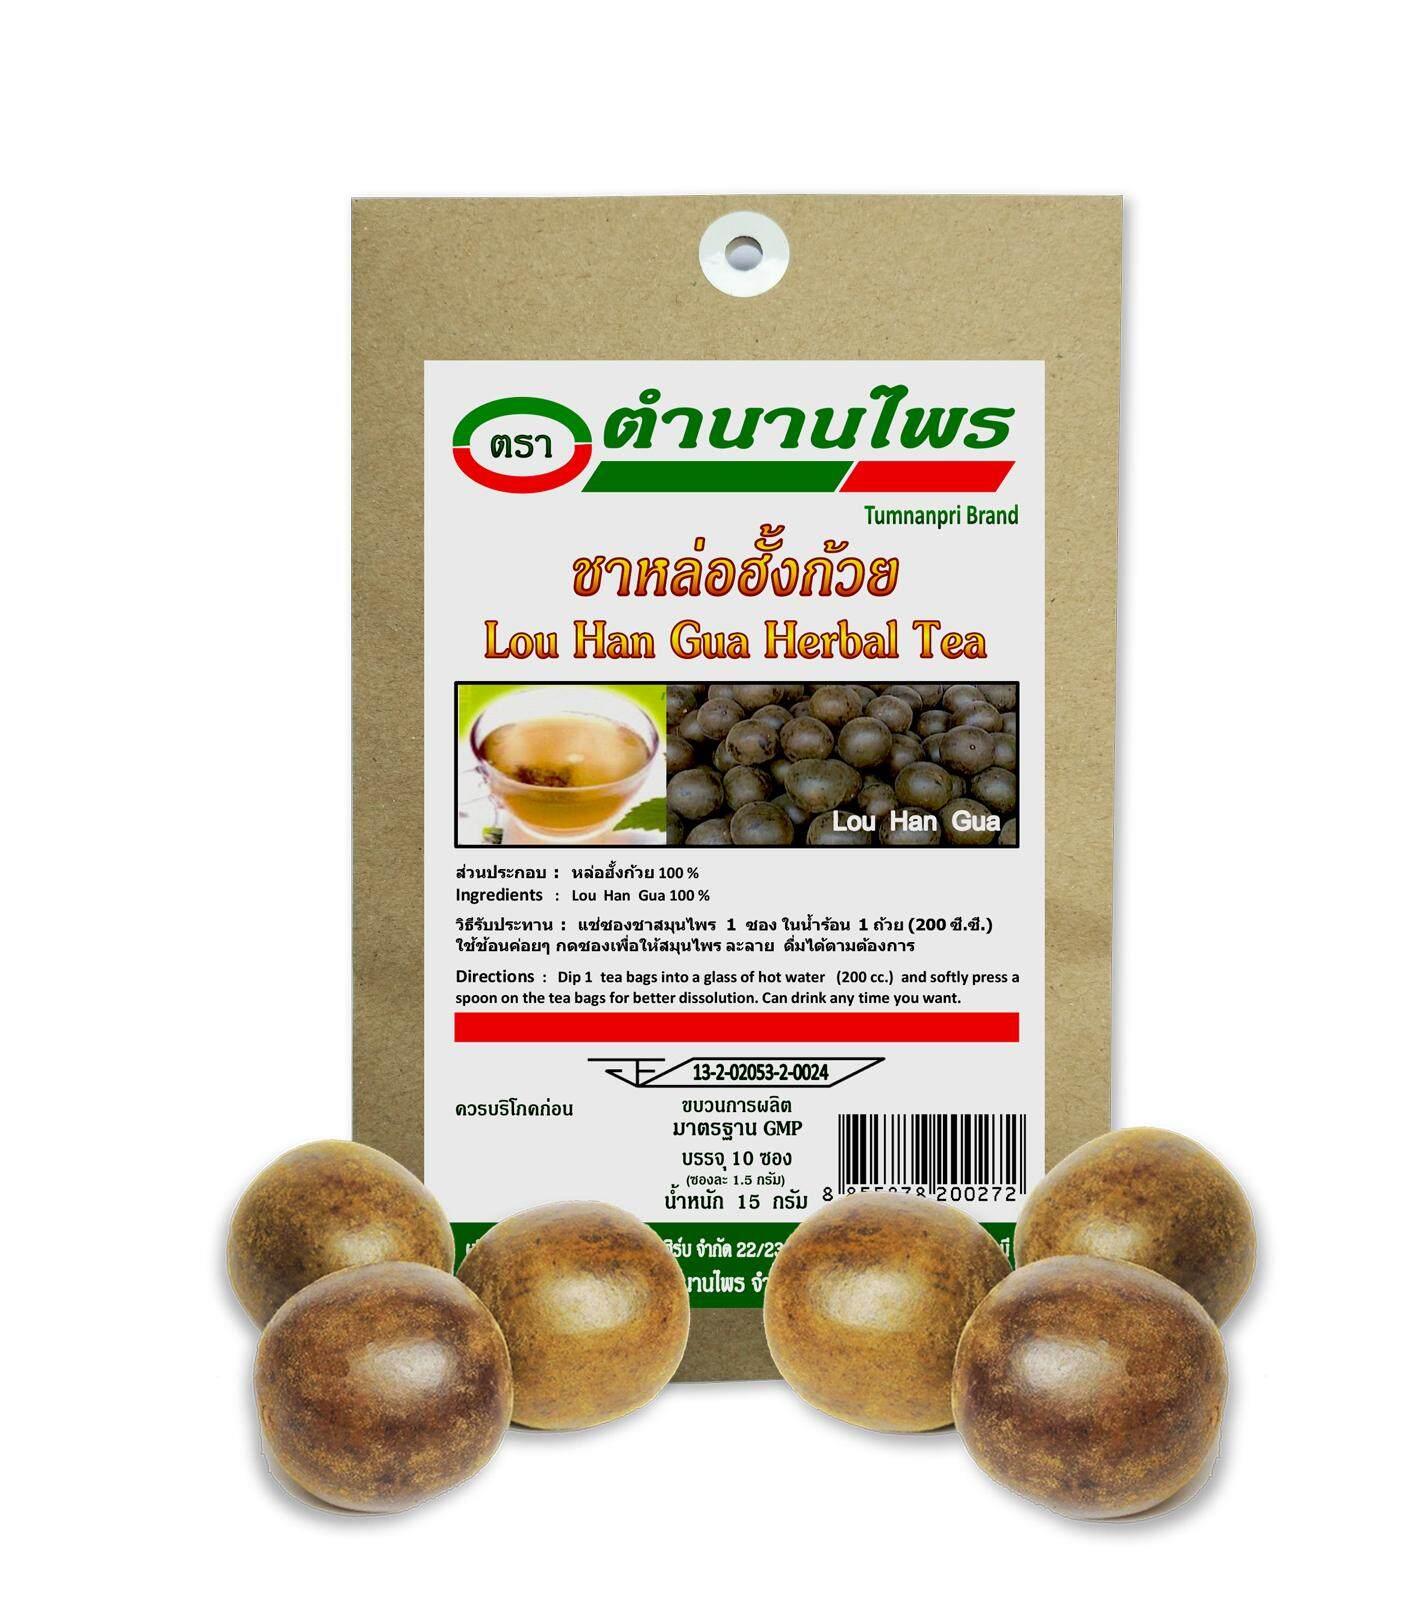 ตำนานไพร ชาหล่อฮั้งก้วย X 1 ซอง (10 ซองแช่) ชาสมุนไพรไม่มีน้ำตาล By Tamnanpraishop.